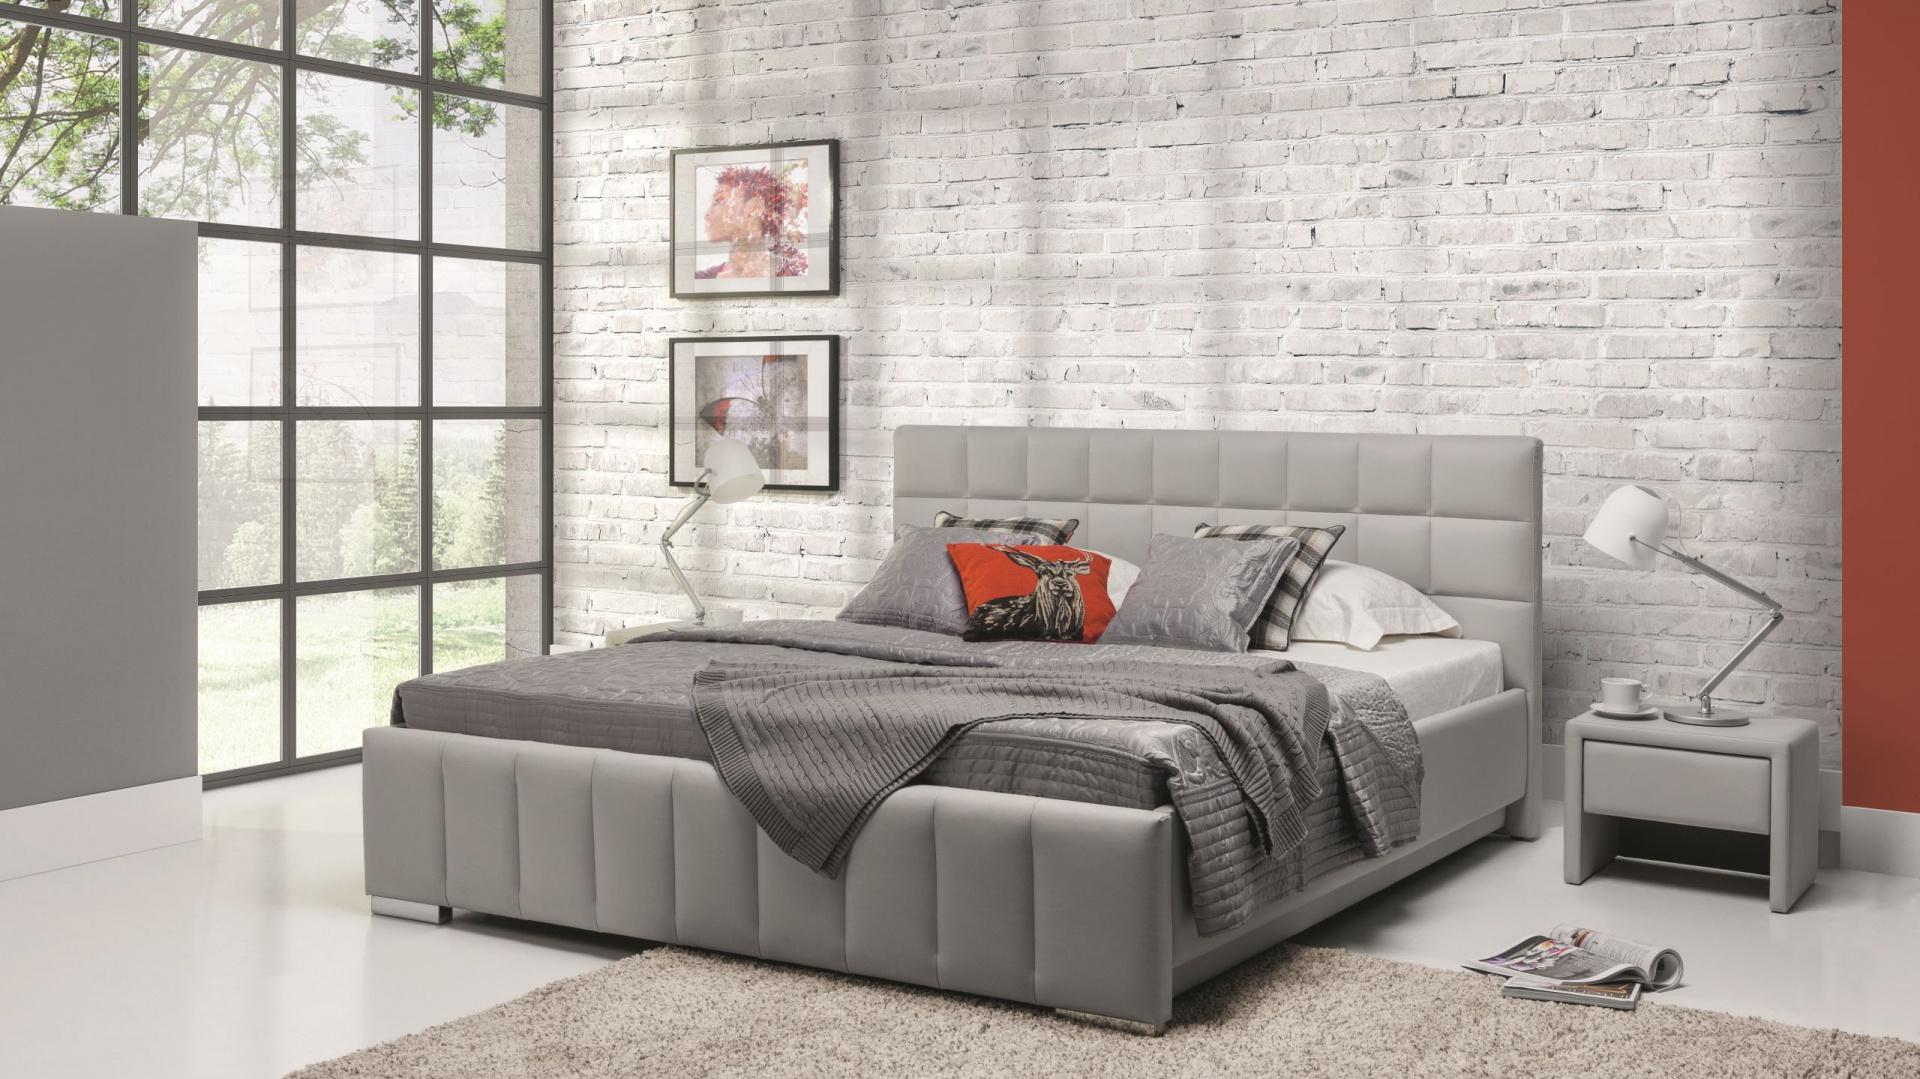 Nowoczesne, a jednocześnie niezwykle eleganckie szare łóżko Kalipso marki New Elegance Furniture z tapicerowanym zagłówkiem. Fot. New Elegance Furniture